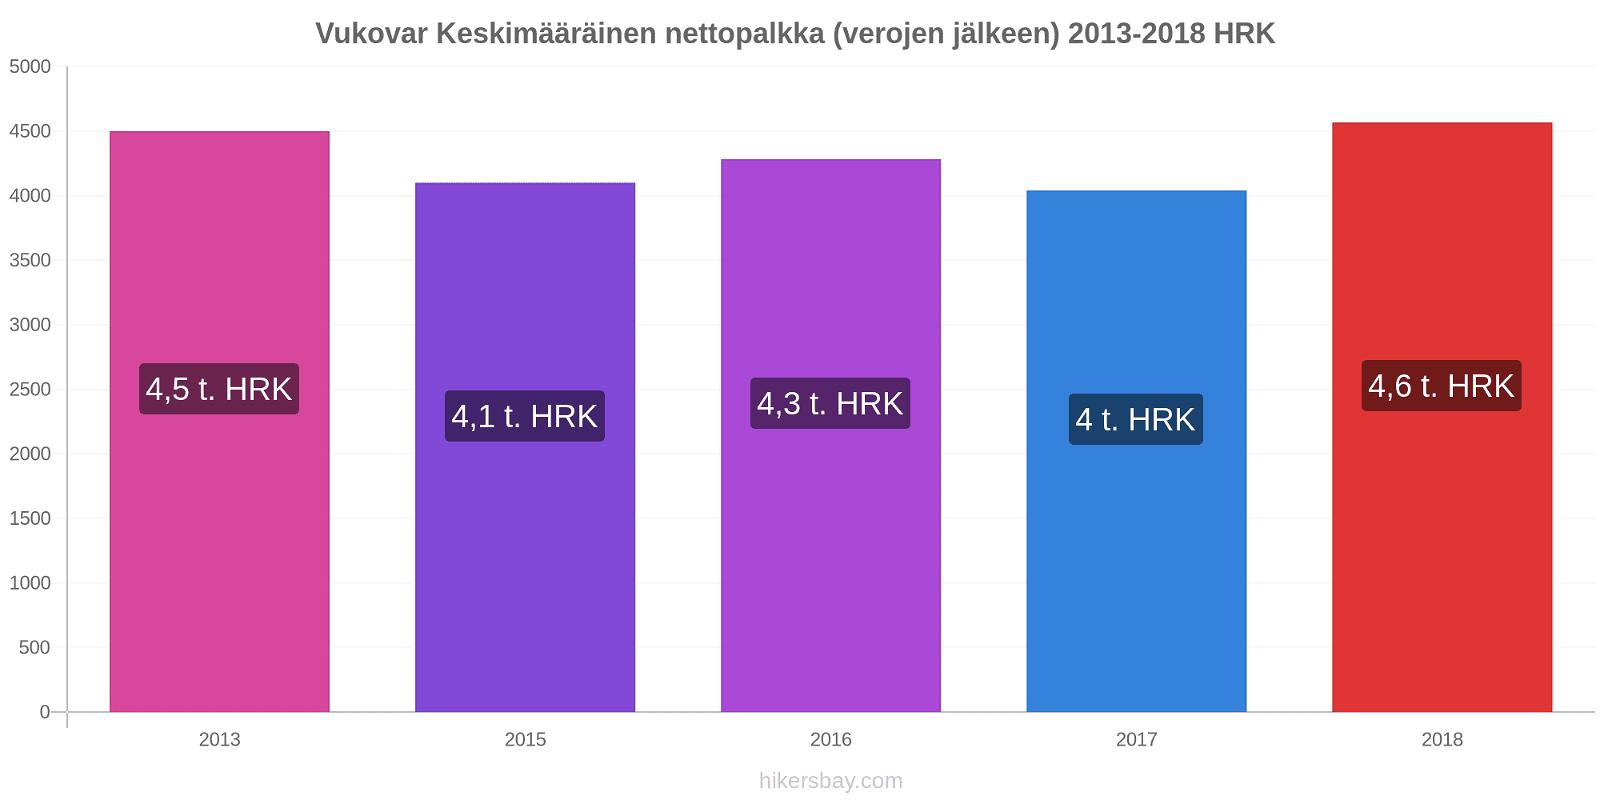 Vukovar hintojen muutokset Keskimääräinen nettopalkka (verojen jälkeen) hikersbay.com